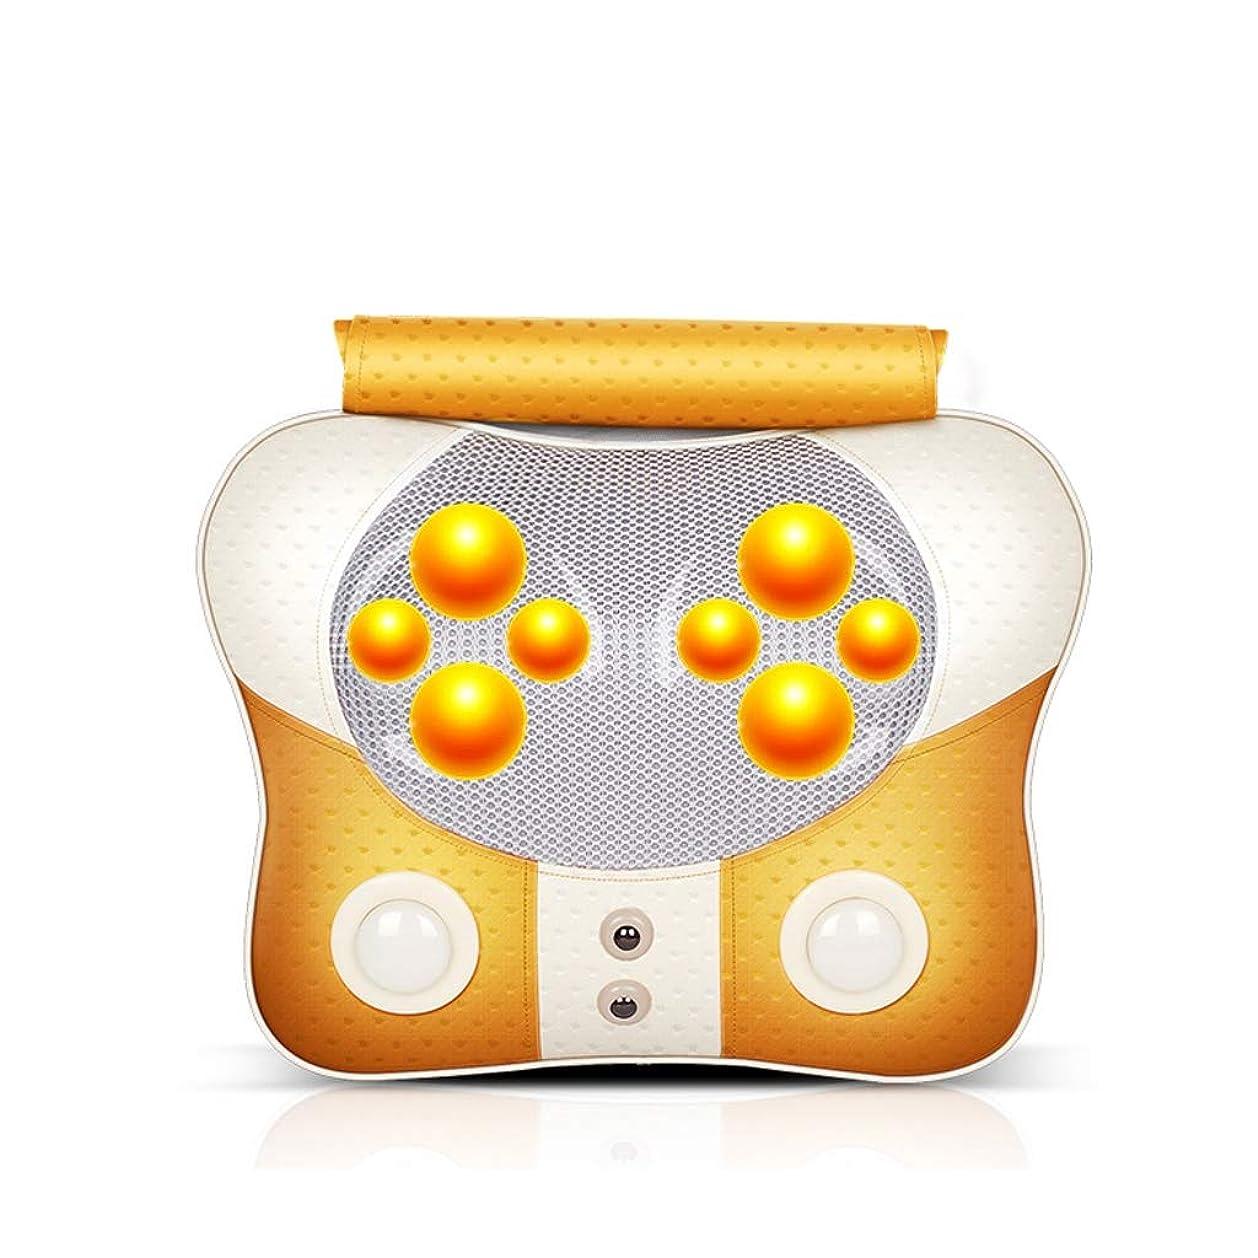 ヒギンズ非効率的なぼかしLxn ネックマッサージャーウエストバックショルダー多機能全身マッサージピロー (色 : ゴールド)